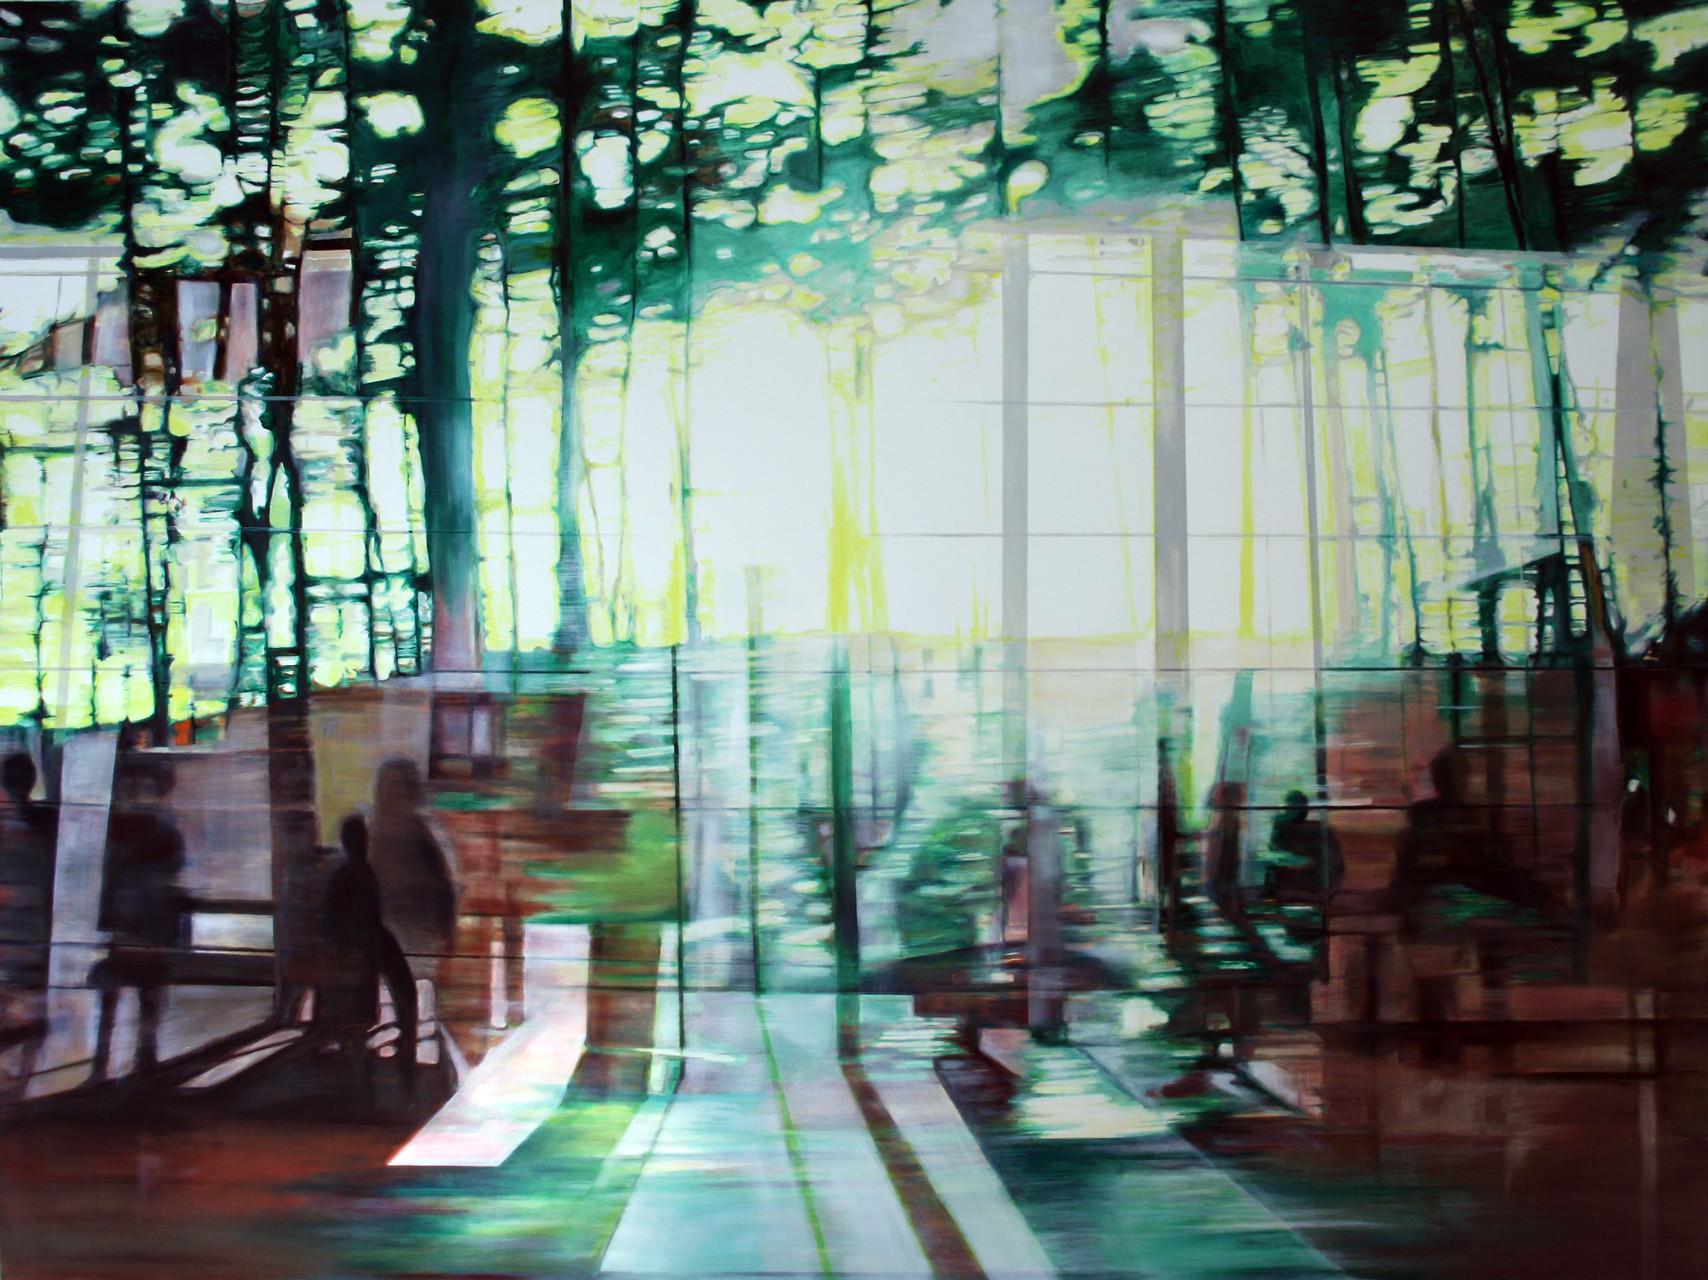 Lichtblick 2015    Öl auf Leinwand   120 x 160 cm